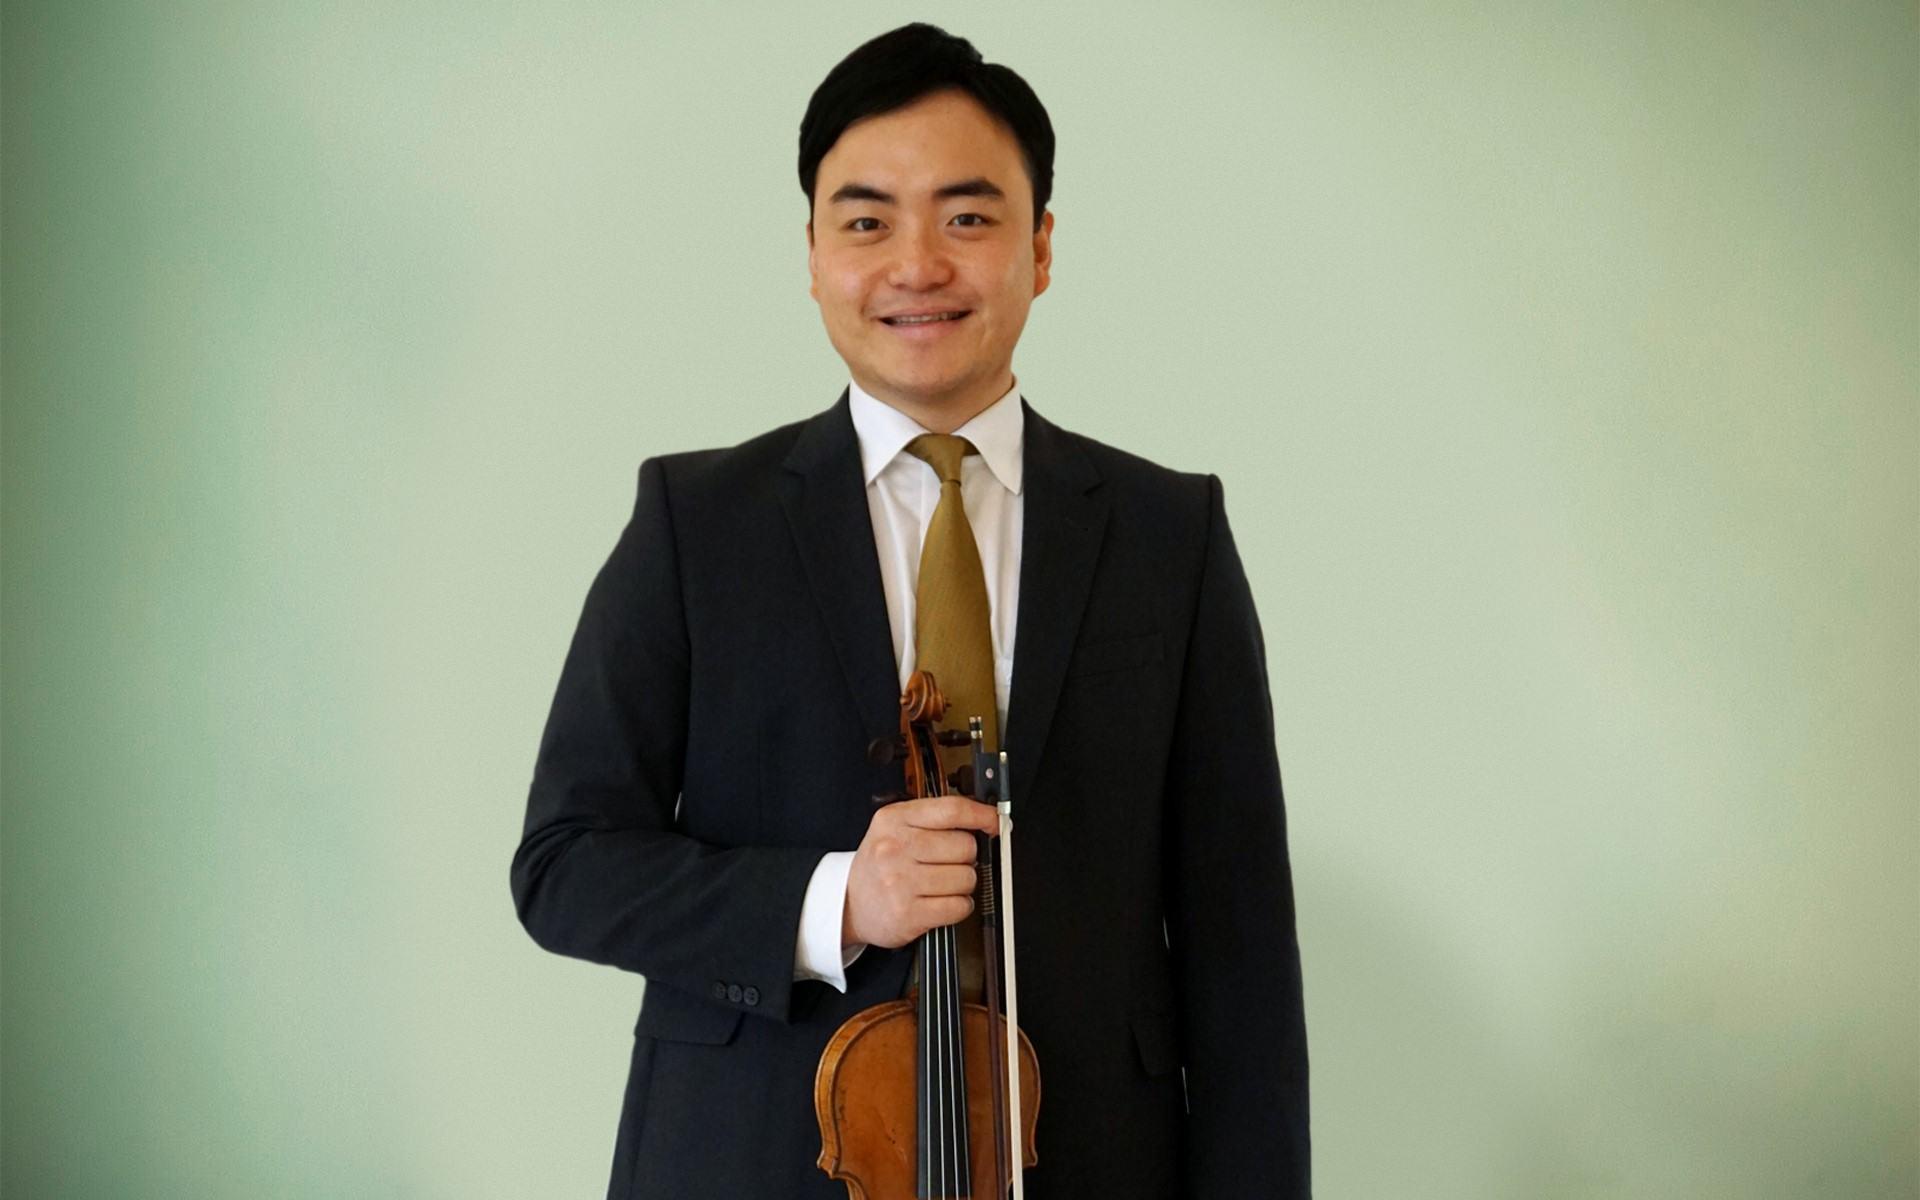 Mitglied der Staatsbad Philharmonie Kissingen, Daniel Kim